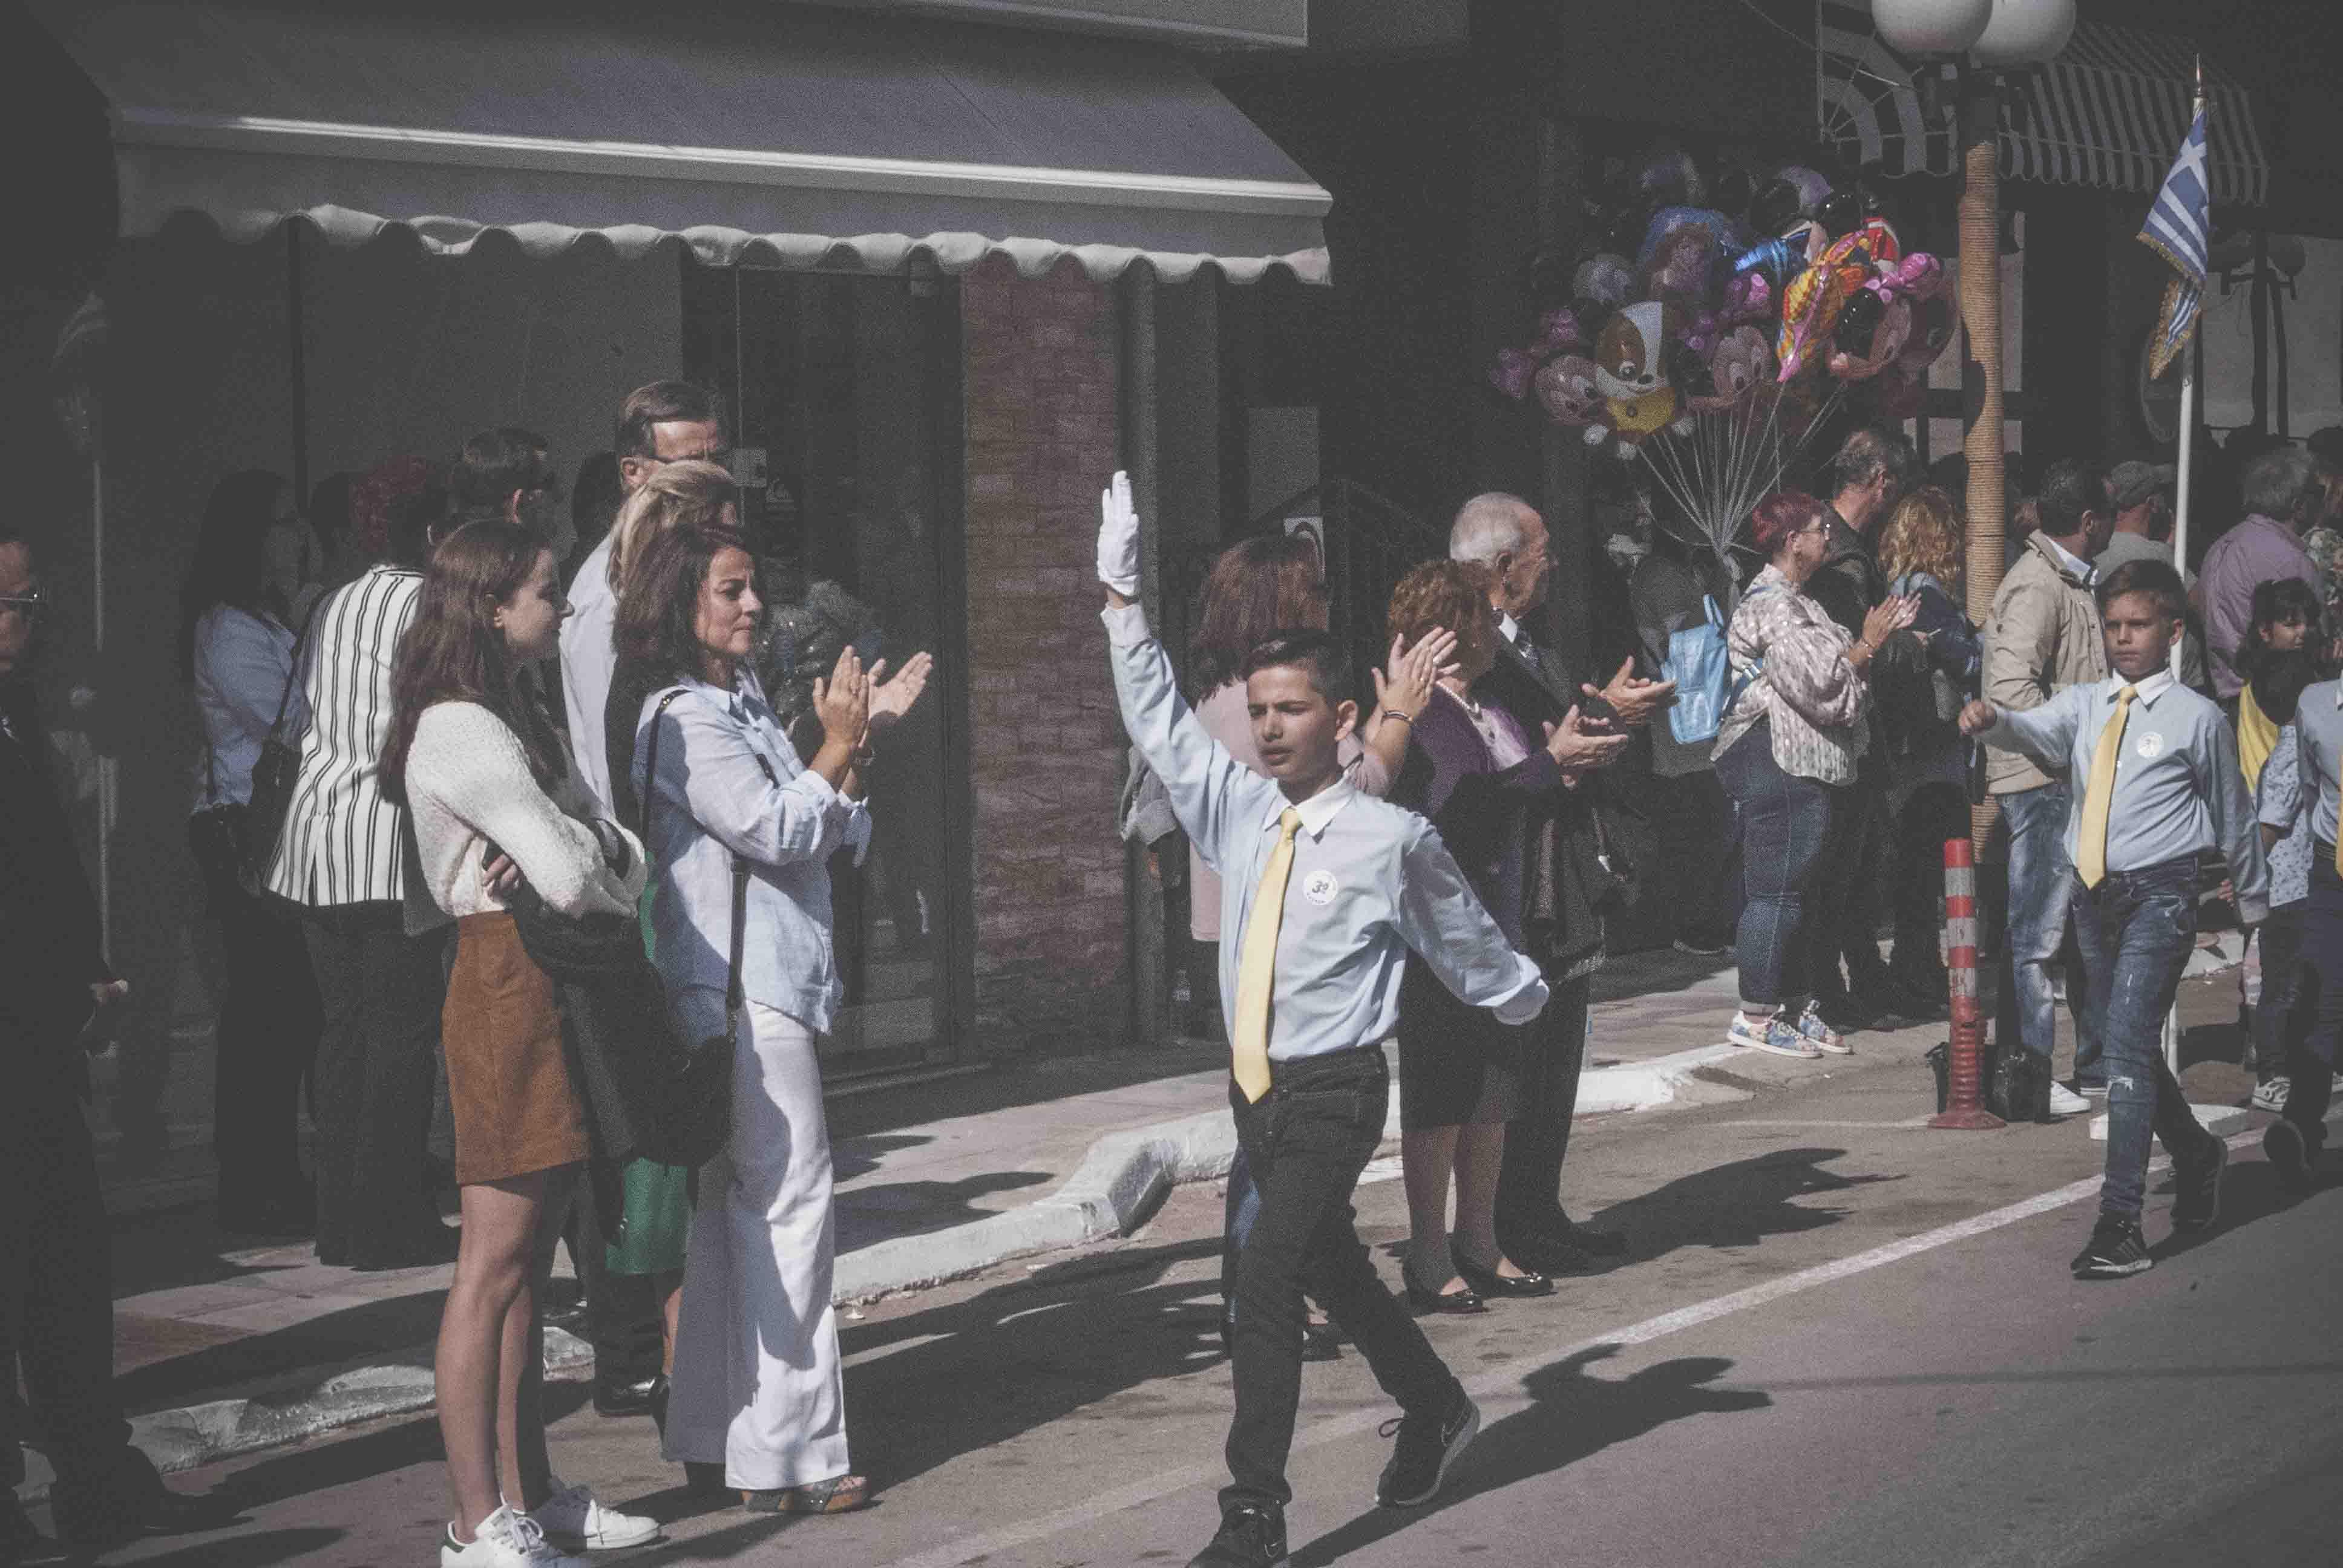 Φωτογραφικό υλικό από την παρέλαση στα Ψαχνά DSC 0384  Η παρέλαση της 28ης Οκτωβρίου σε Καστέλλα και Ψαχνά (φωτό) DSC 0384